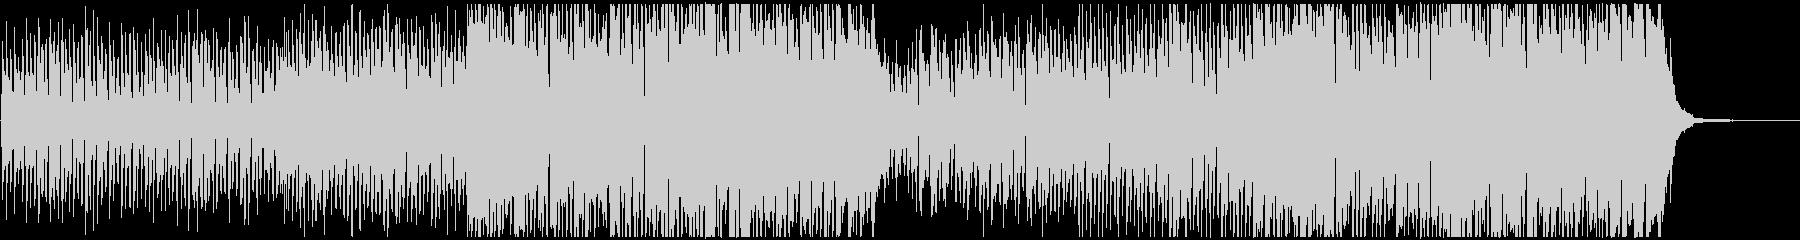 ウクレレを使用したスイングジャズ風な曲の未再生の波形